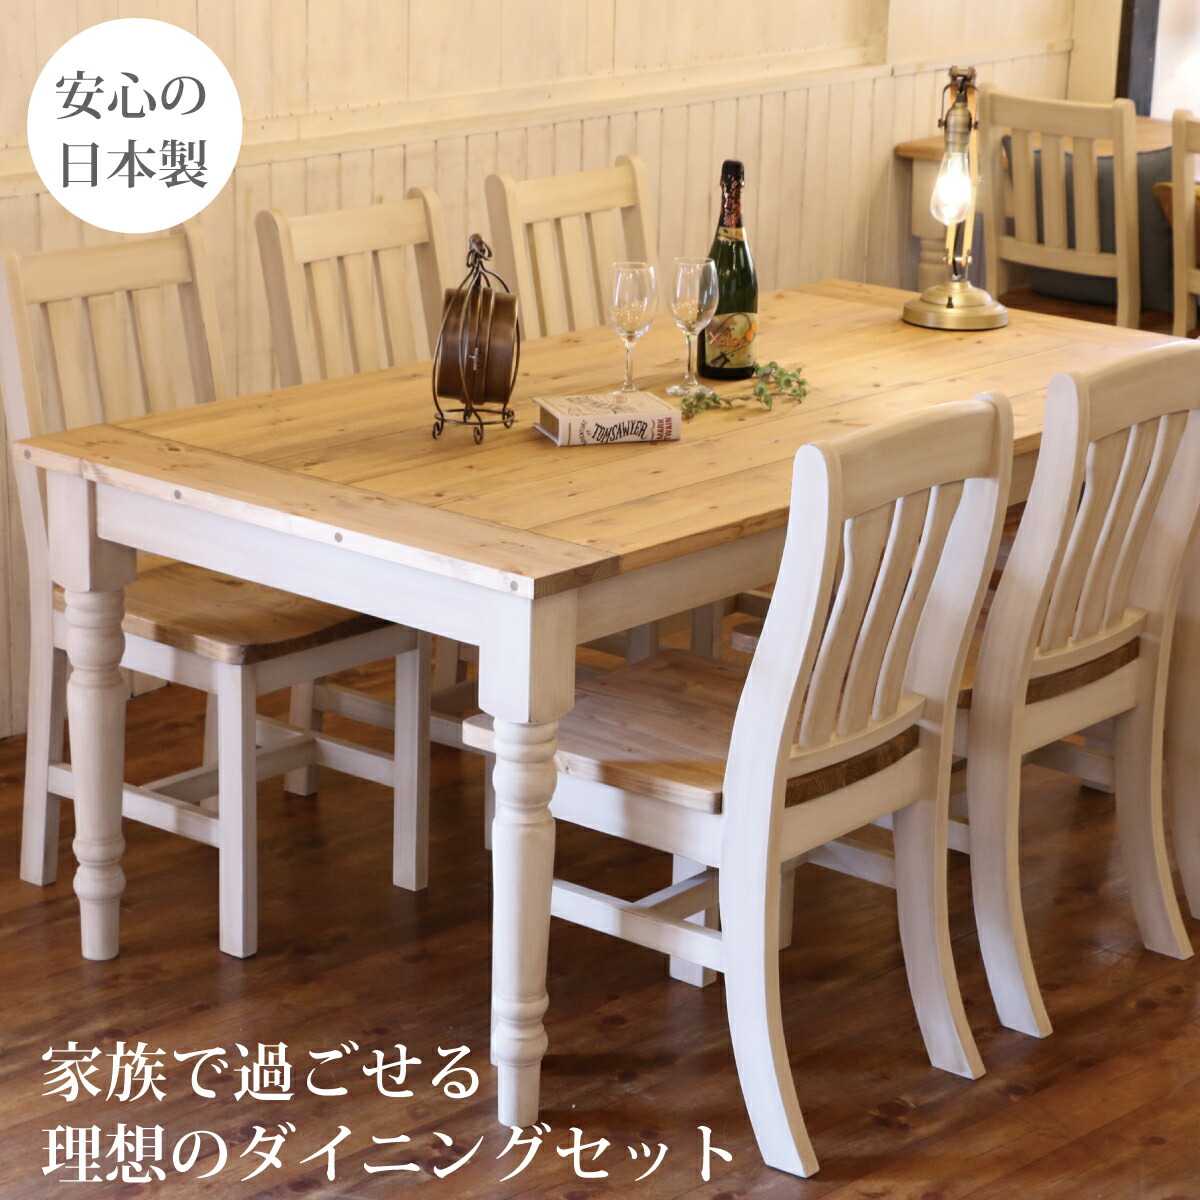 ソリッド・ダイニングセット W1800 オーダー家具 サイズオーダー 木製 無垢 北欧 パイン ダイニングテーブル テーブル イス チェア 6人掛け 食卓 おしゃれ アンティーク インテリア カント